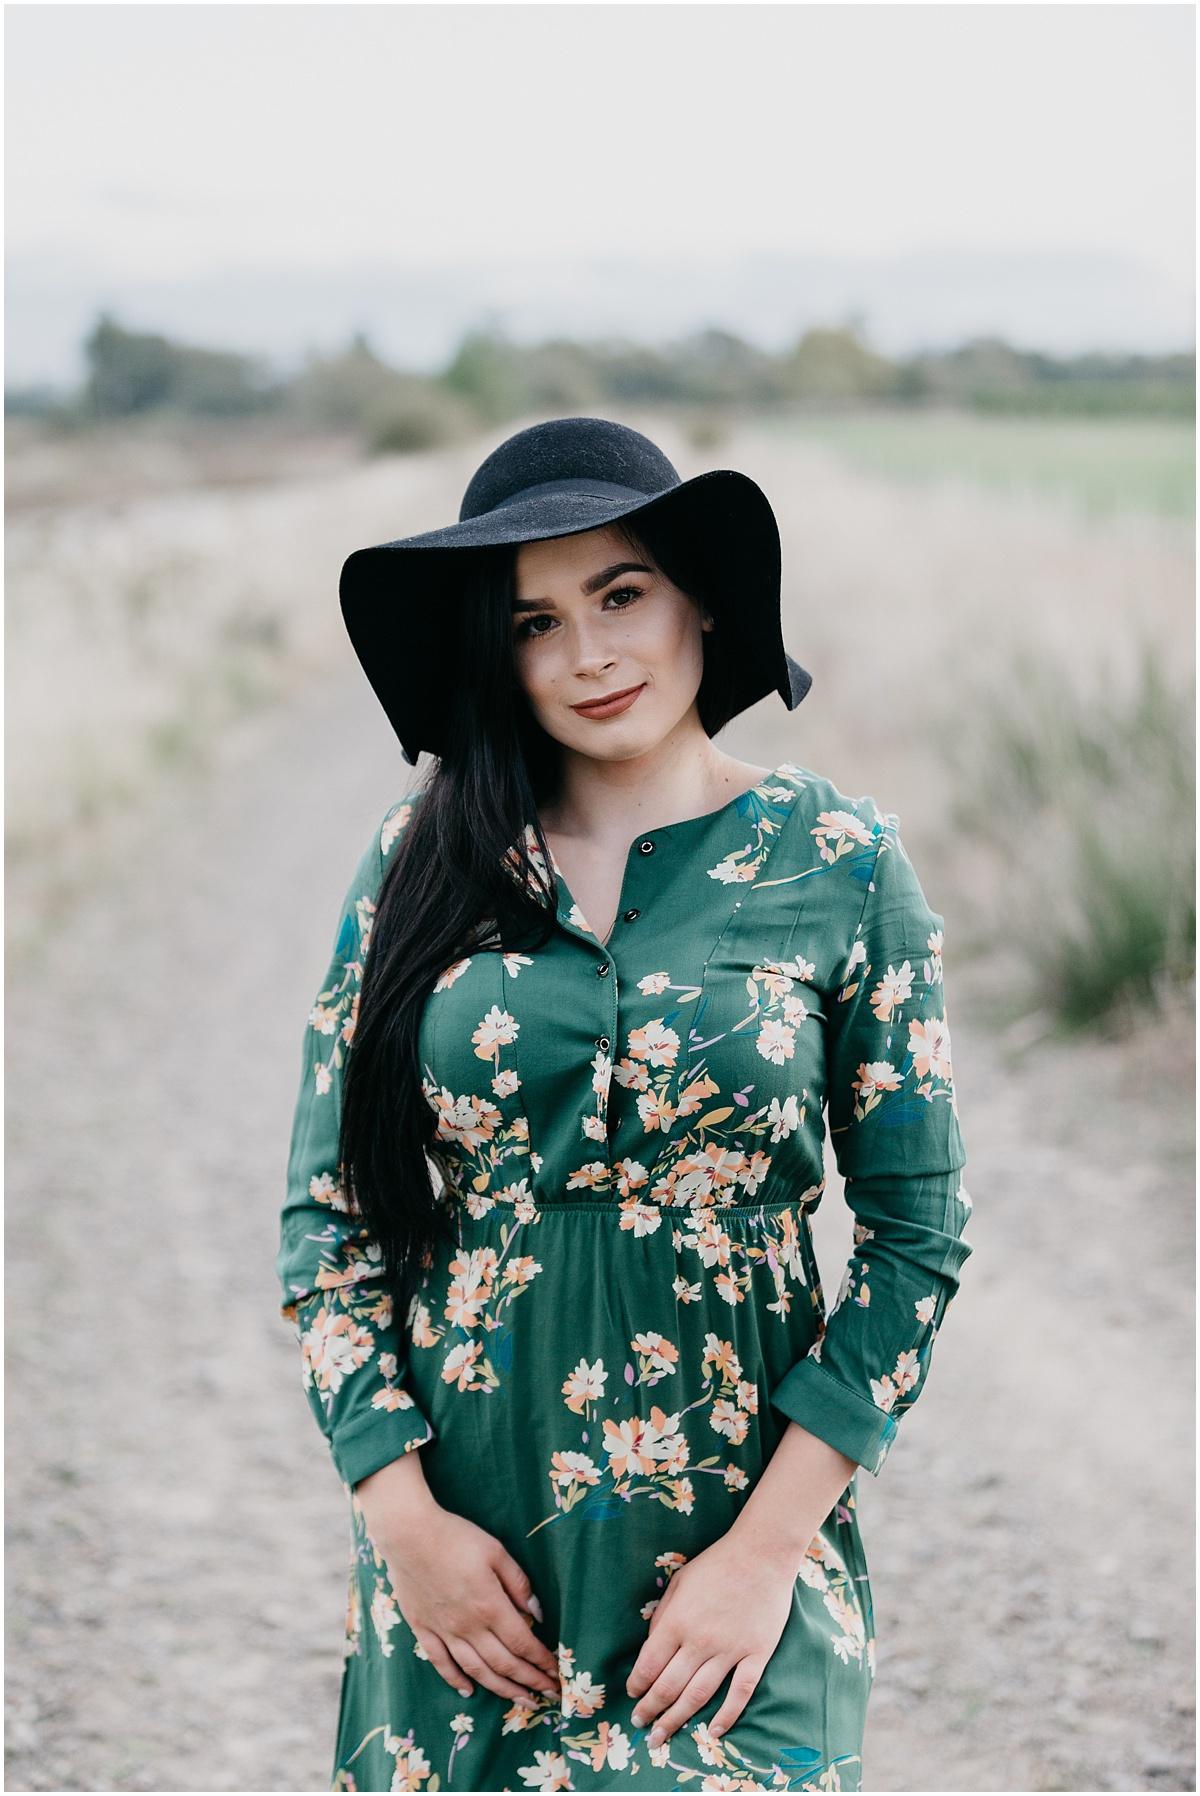 Girl in green flower dress summer evening